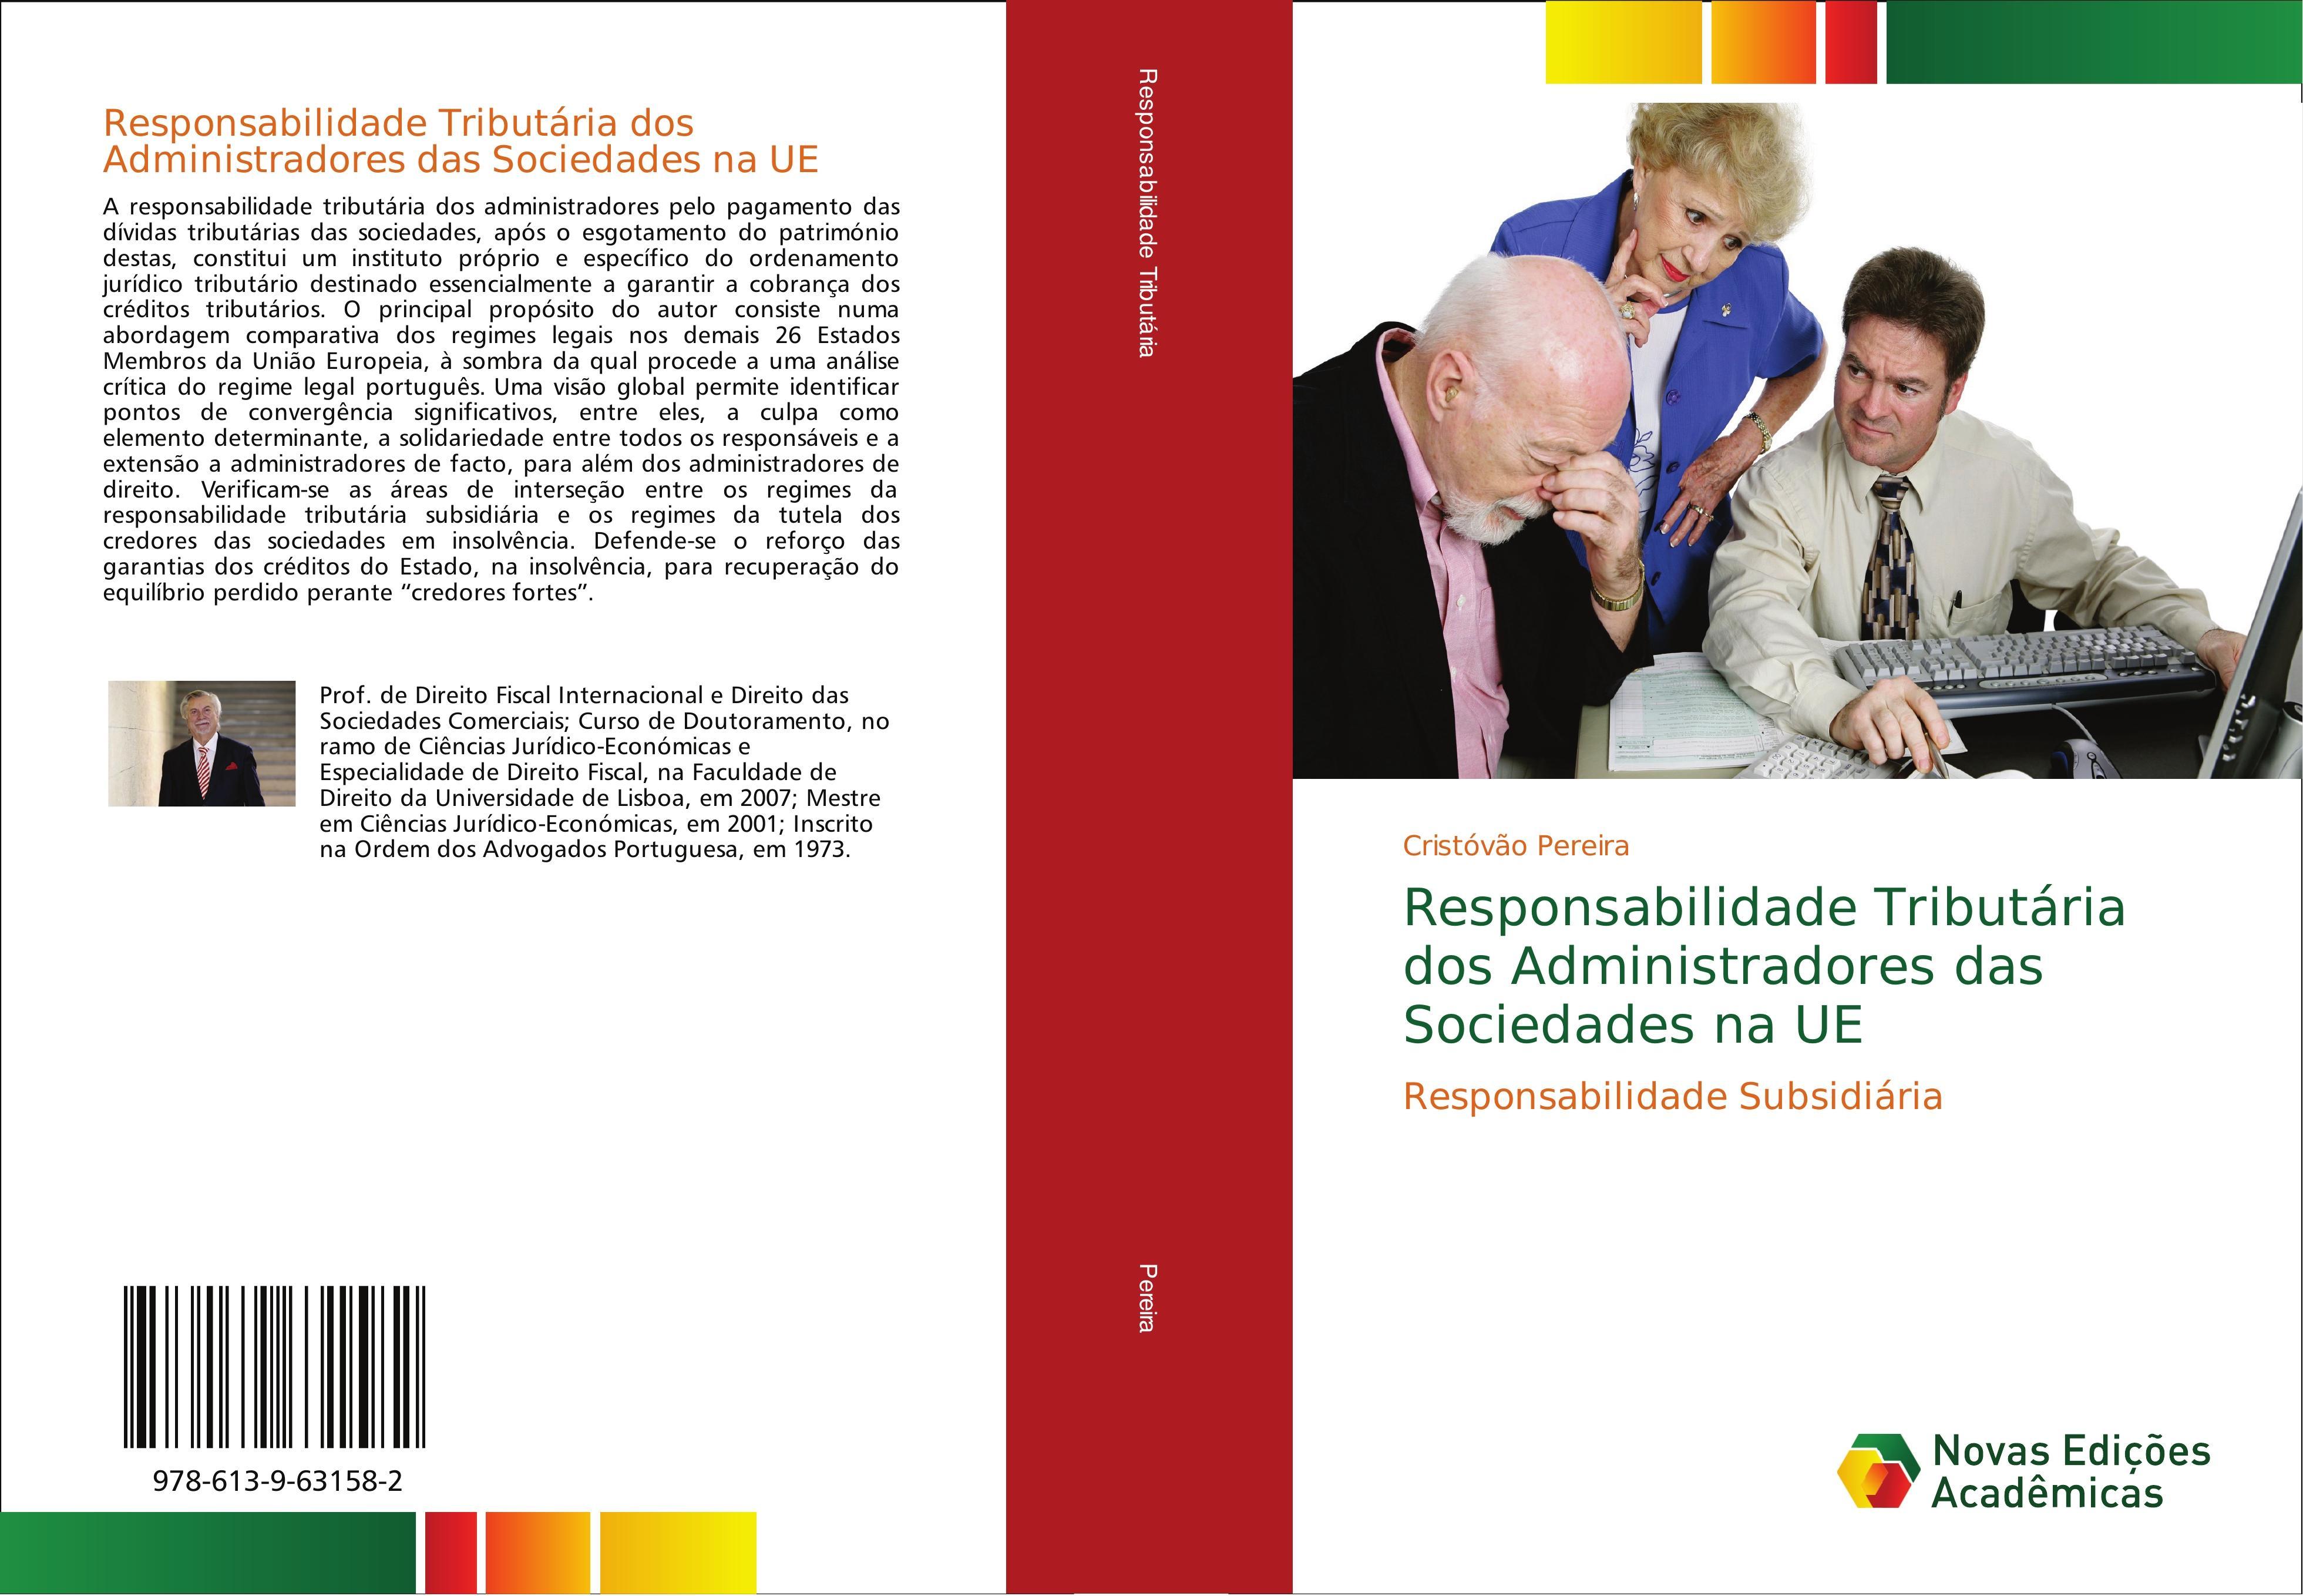 Responsabilidade Tributária dos Administradores das Sociedades na UE  Responsabilidade Subsidiária  Cristóvão Pereira  Taschenbuch  Paperback  Portugiesisch  2018 - Pereira, Cristóvão